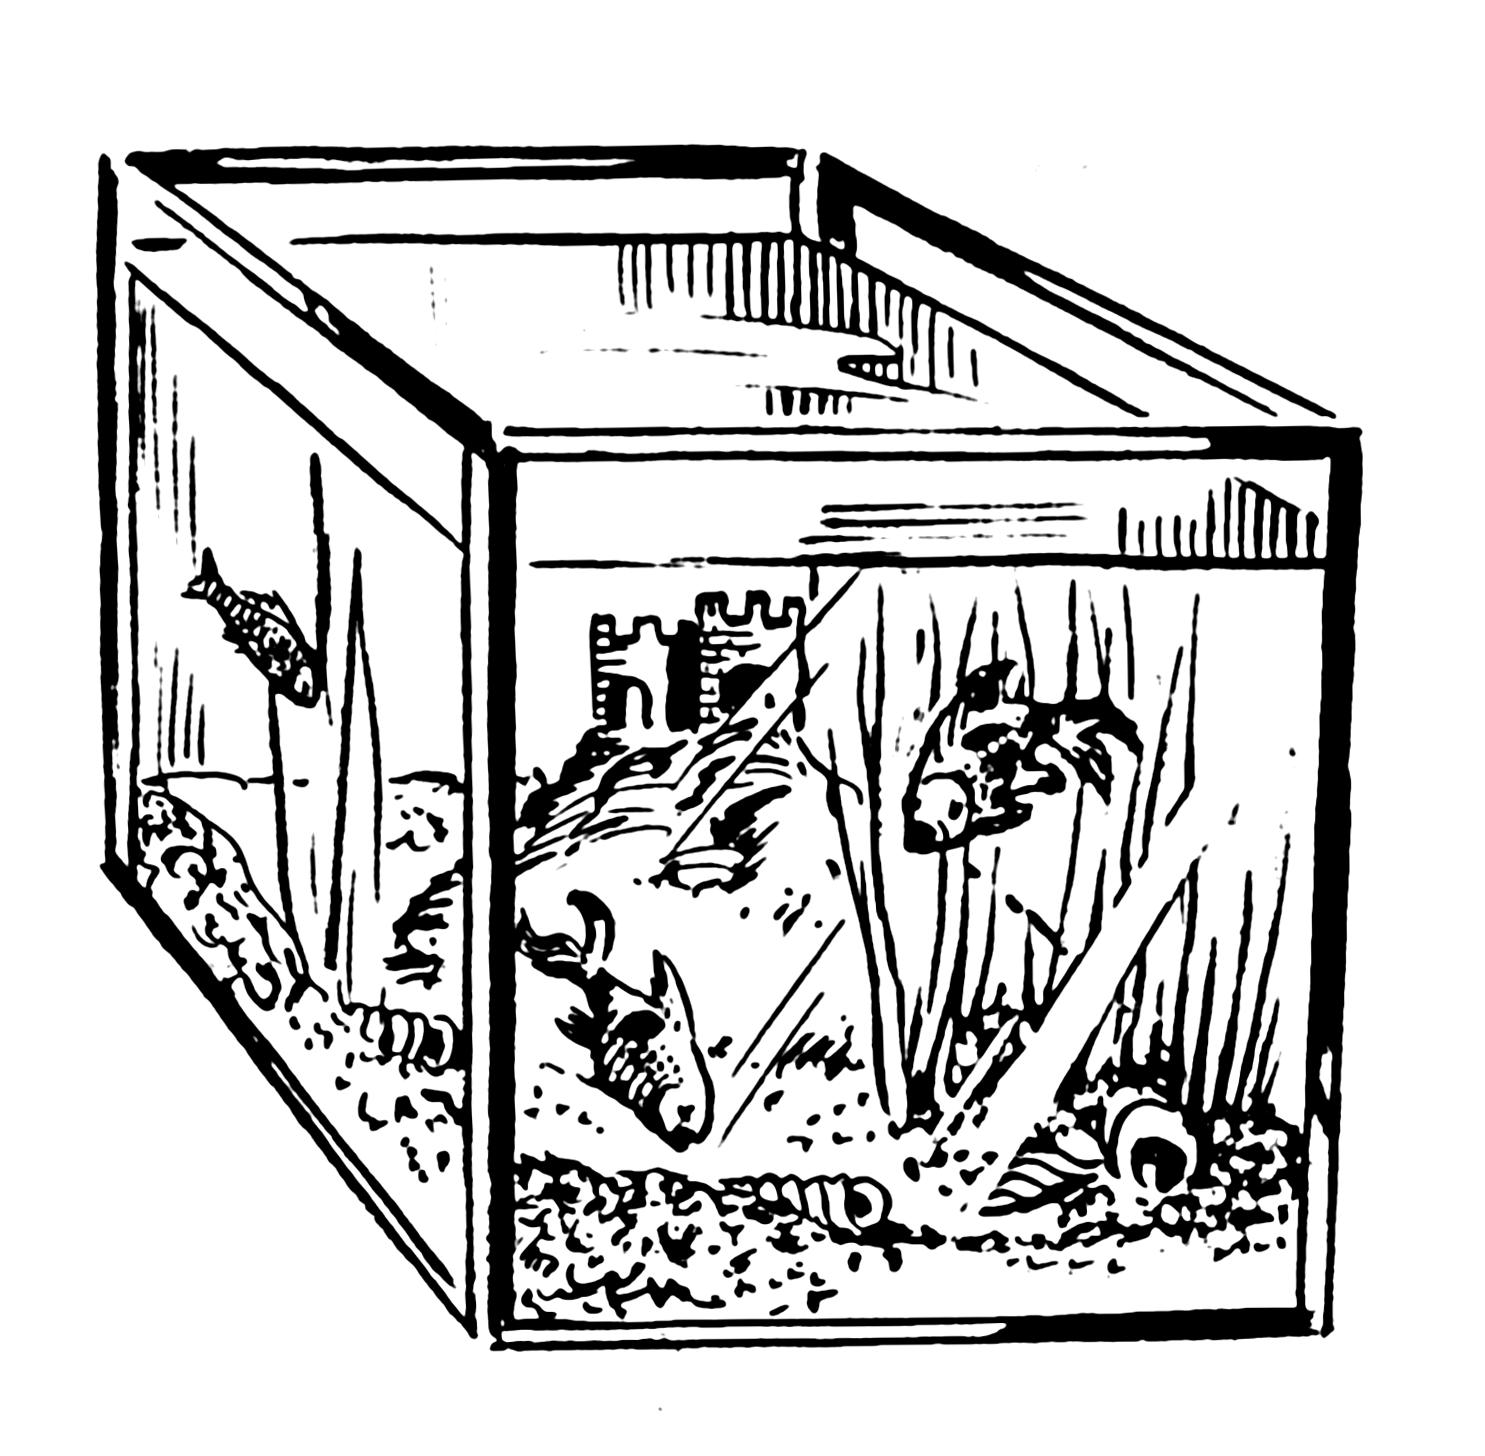 Fish tank drawing pictures - File Aquarium 002 Png